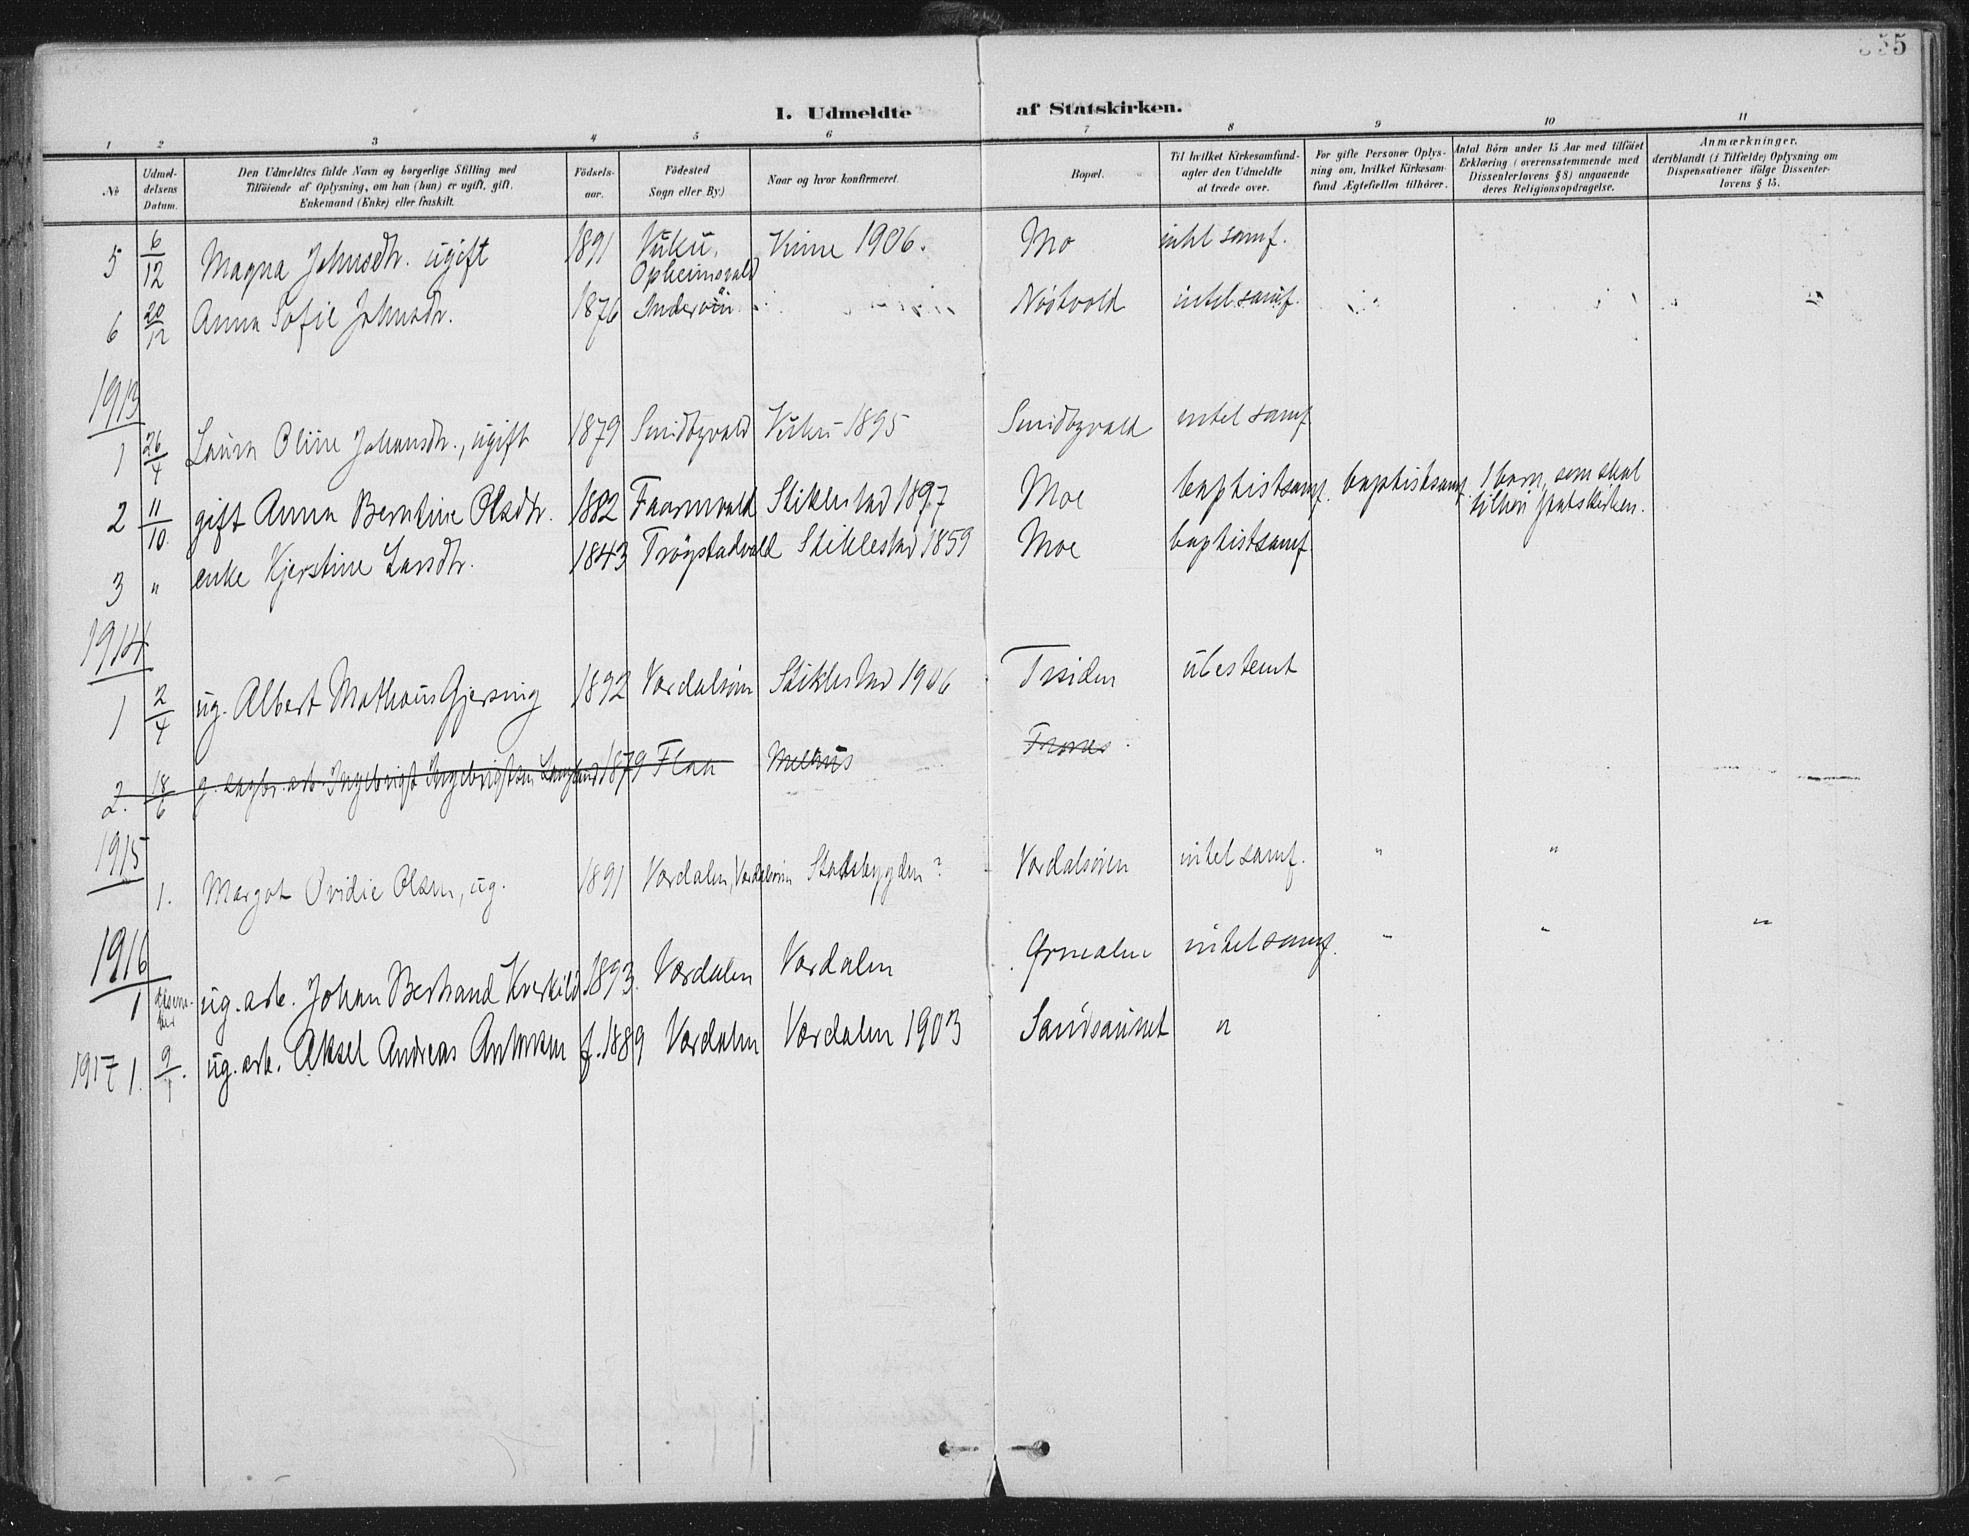 SAT, Ministerialprotokoller, klokkerbøker og fødselsregistre - Nord-Trøndelag, 723/L0246: Ministerialbok nr. 723A15, 1900-1917, s. 355